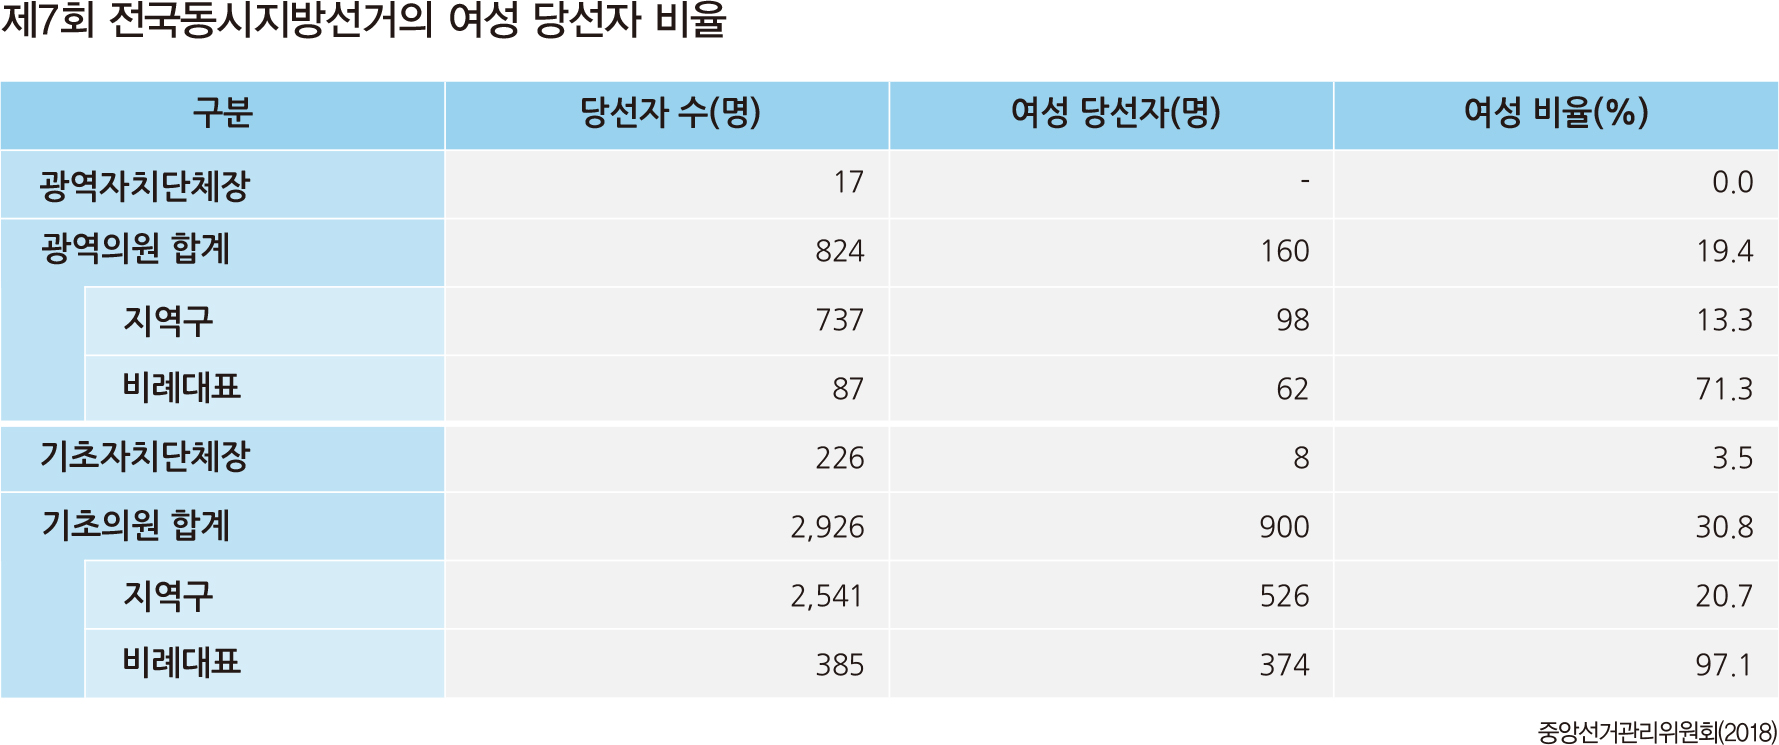 제7회 전국동시지방선거의 여성 당선자 비율